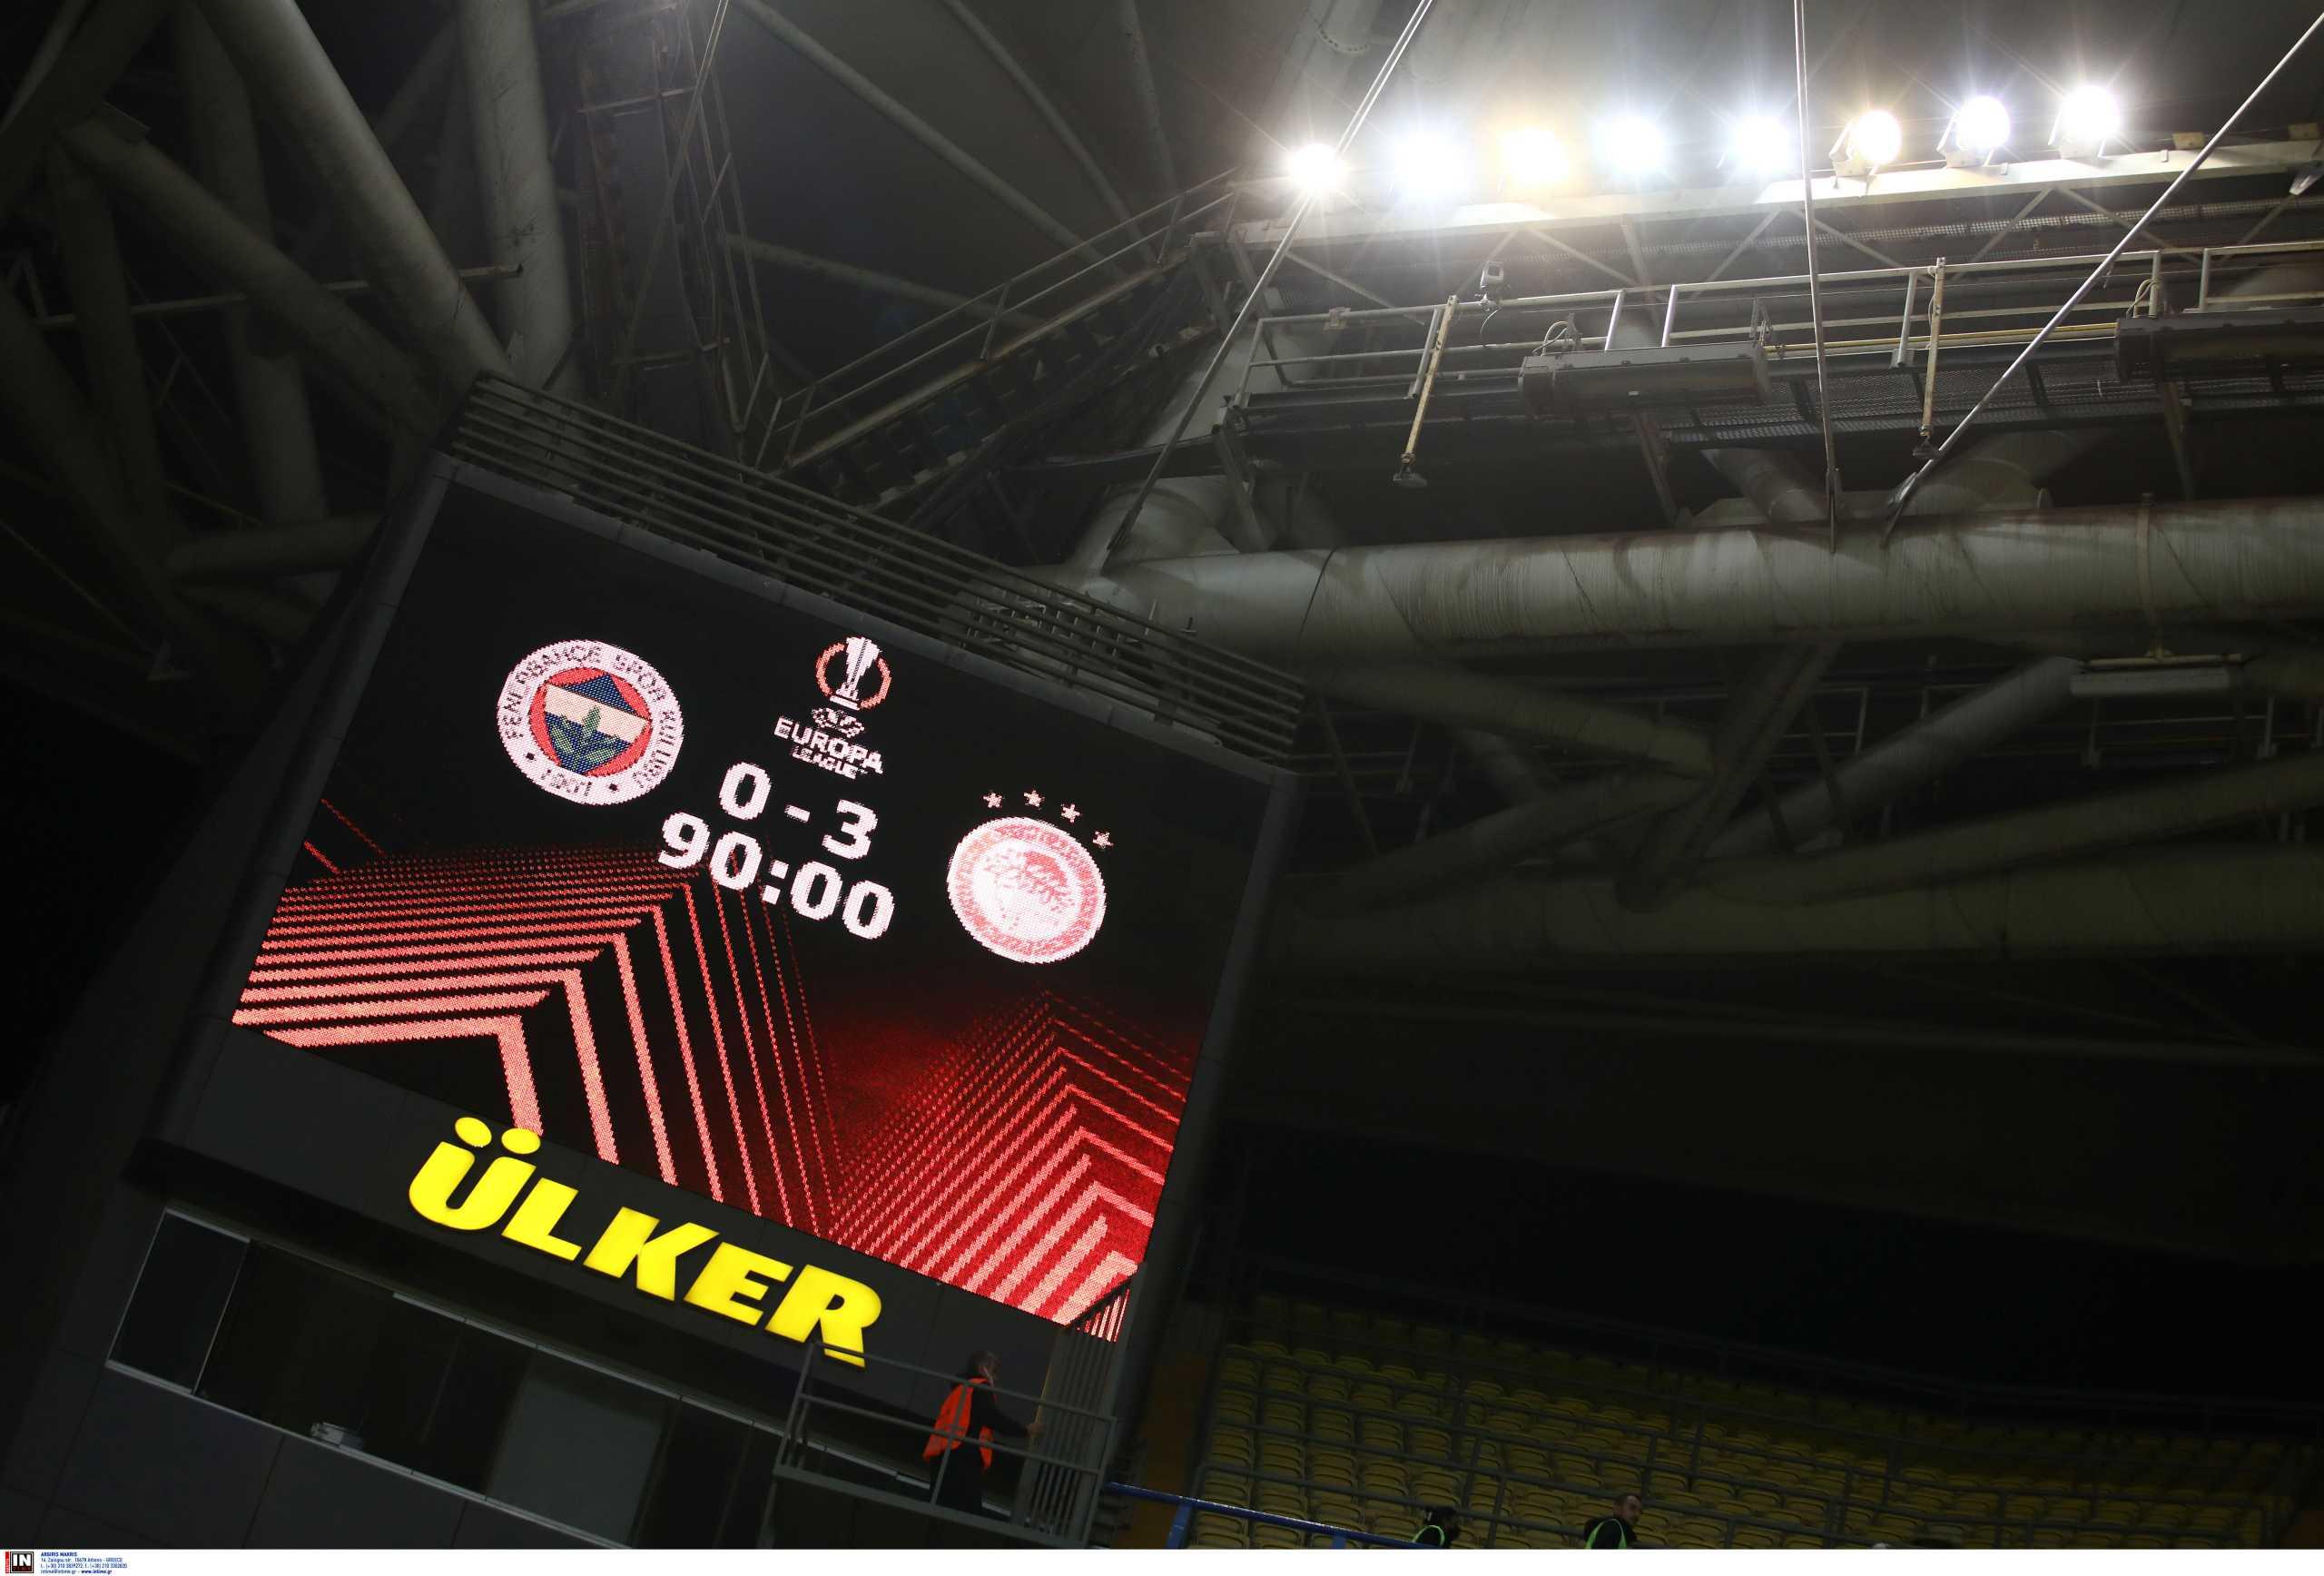 Europa League – Ολυμπιακός: Η βαθμολογία στον όμιλο μετά το θρίαμβο στην Πόλη